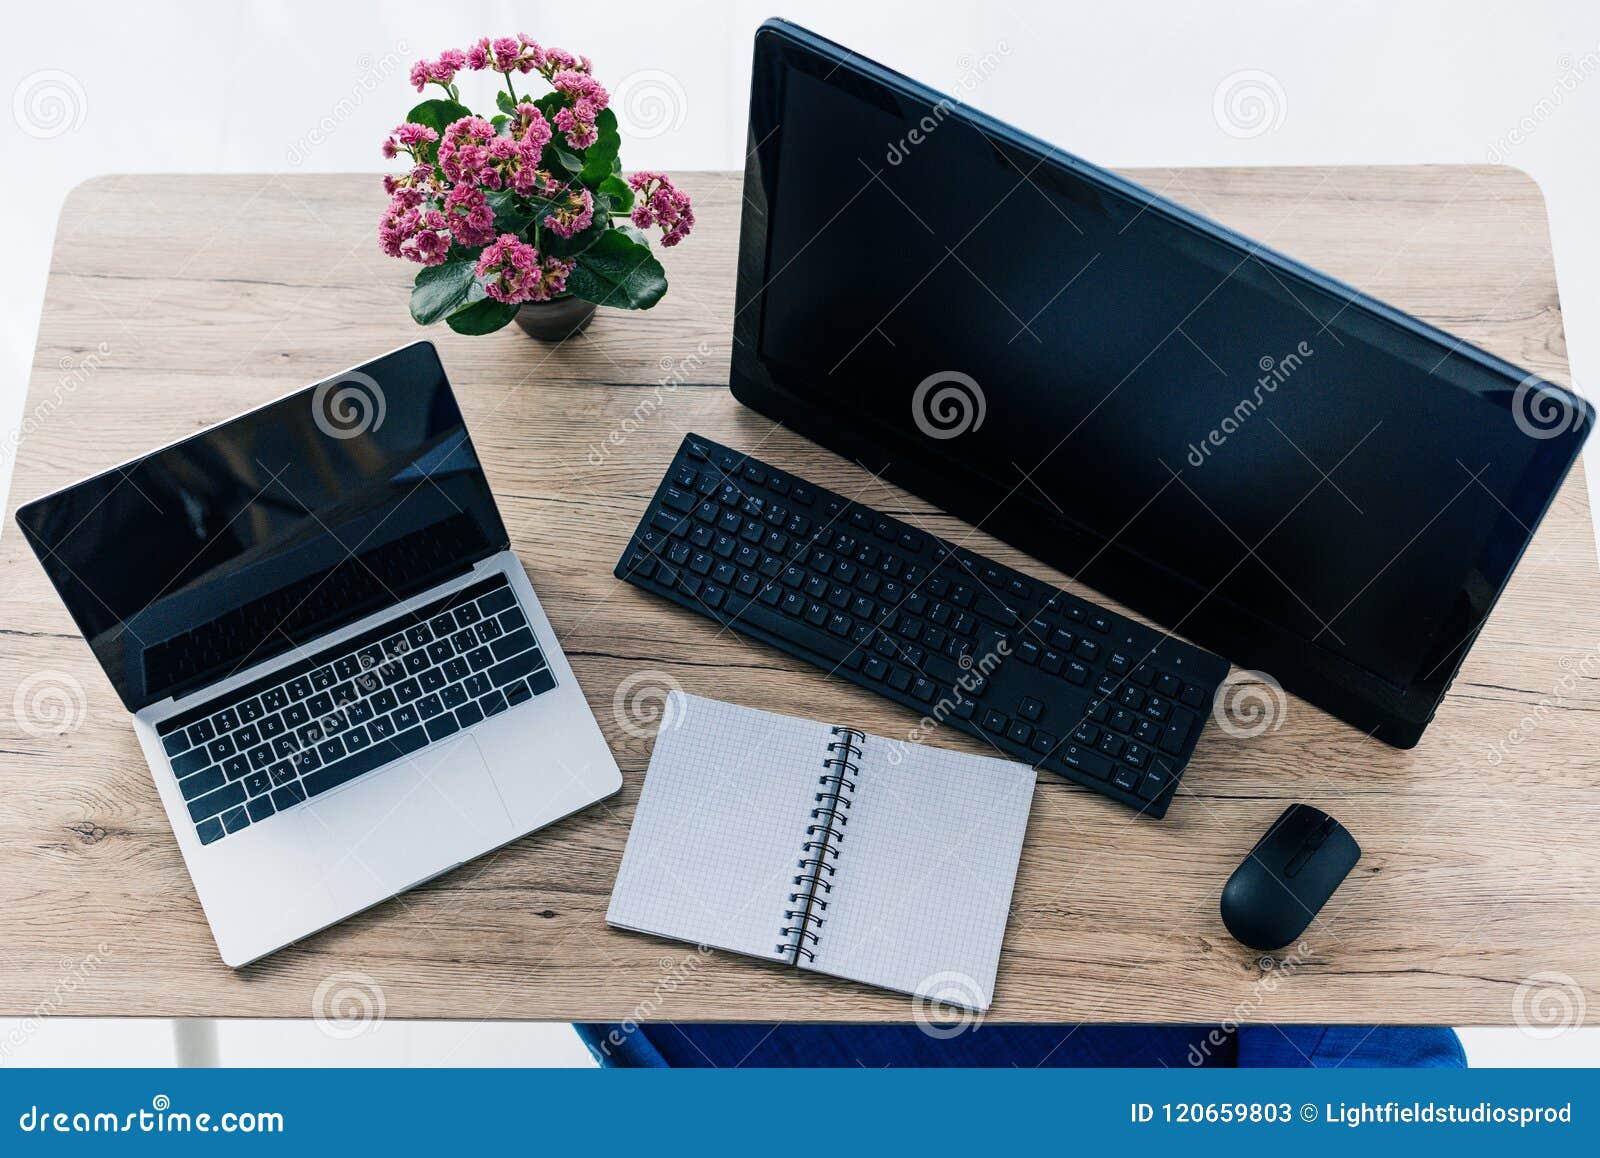 Podwyższony widok stół z kwiatami, pustym podręcznikiem, laptopem i komputerem,